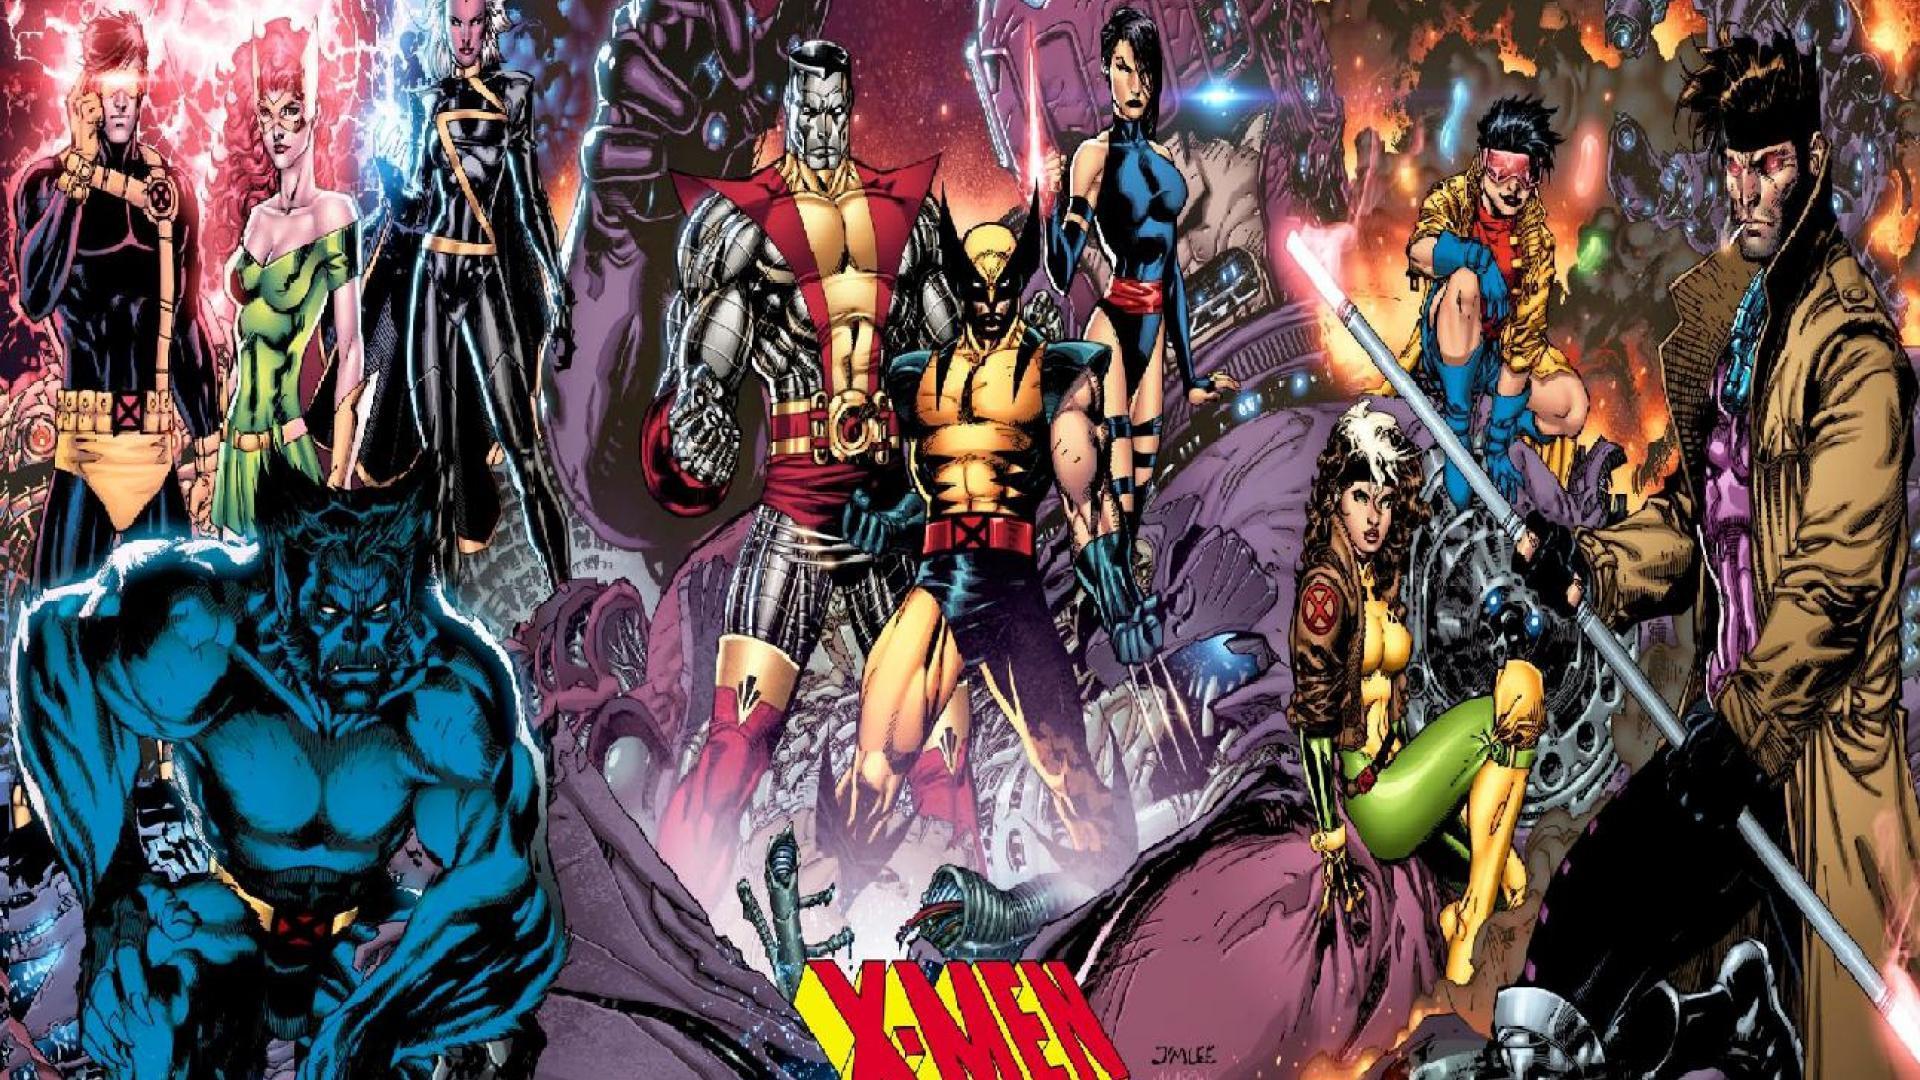 X-Men HD Wallpapers - Wallpaper Cave